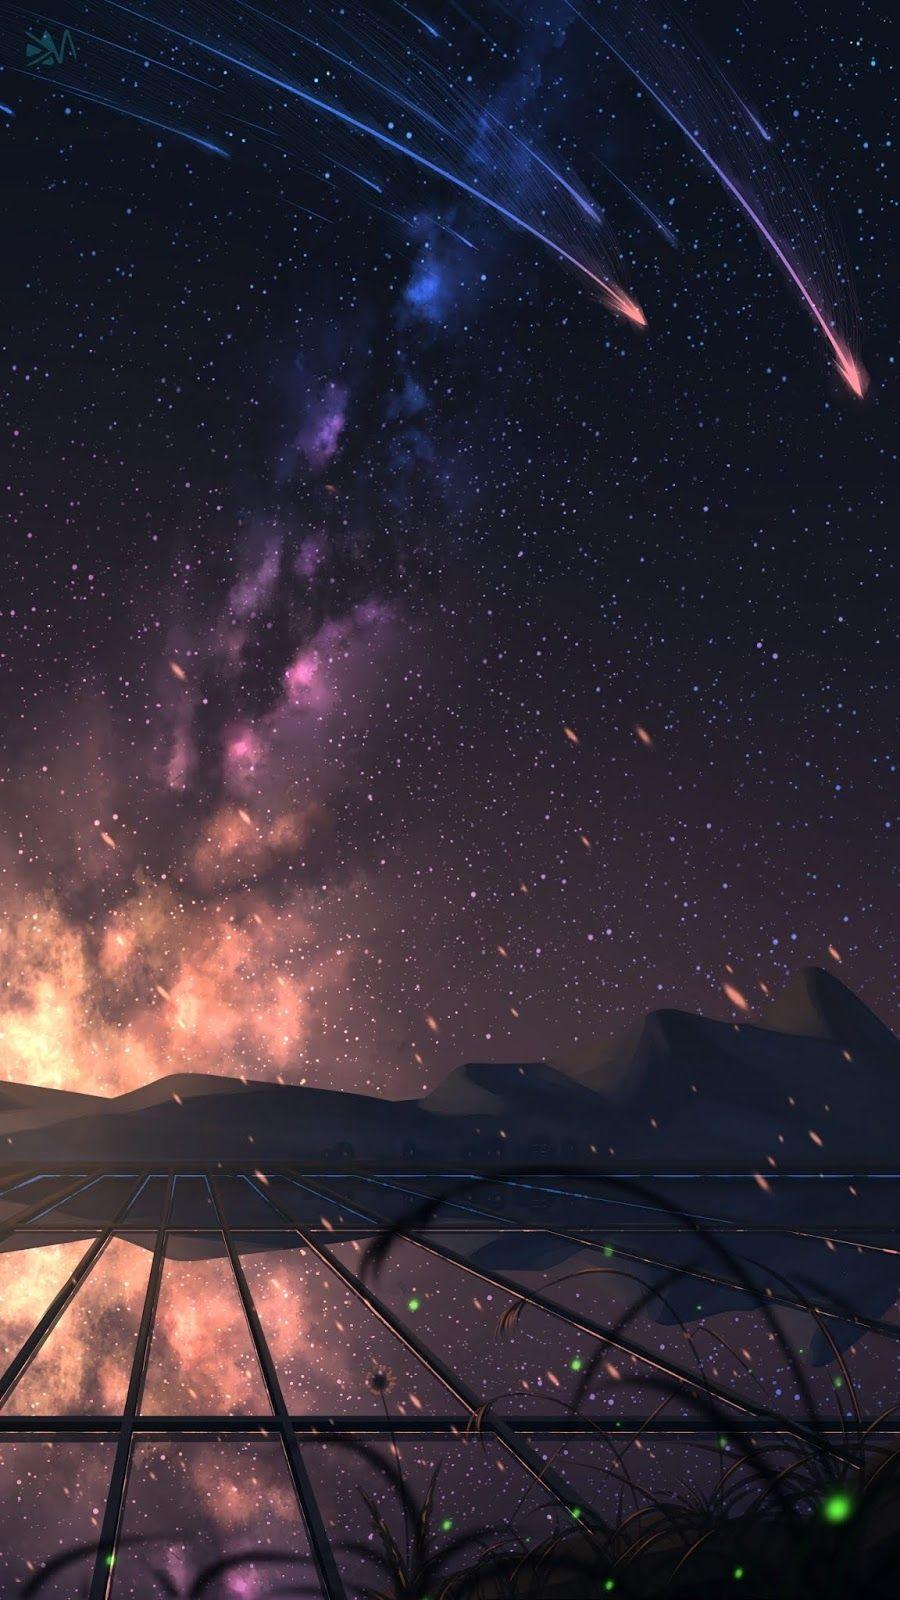 Starry night |  w a l l p a p e r  | Iphone wallpaper